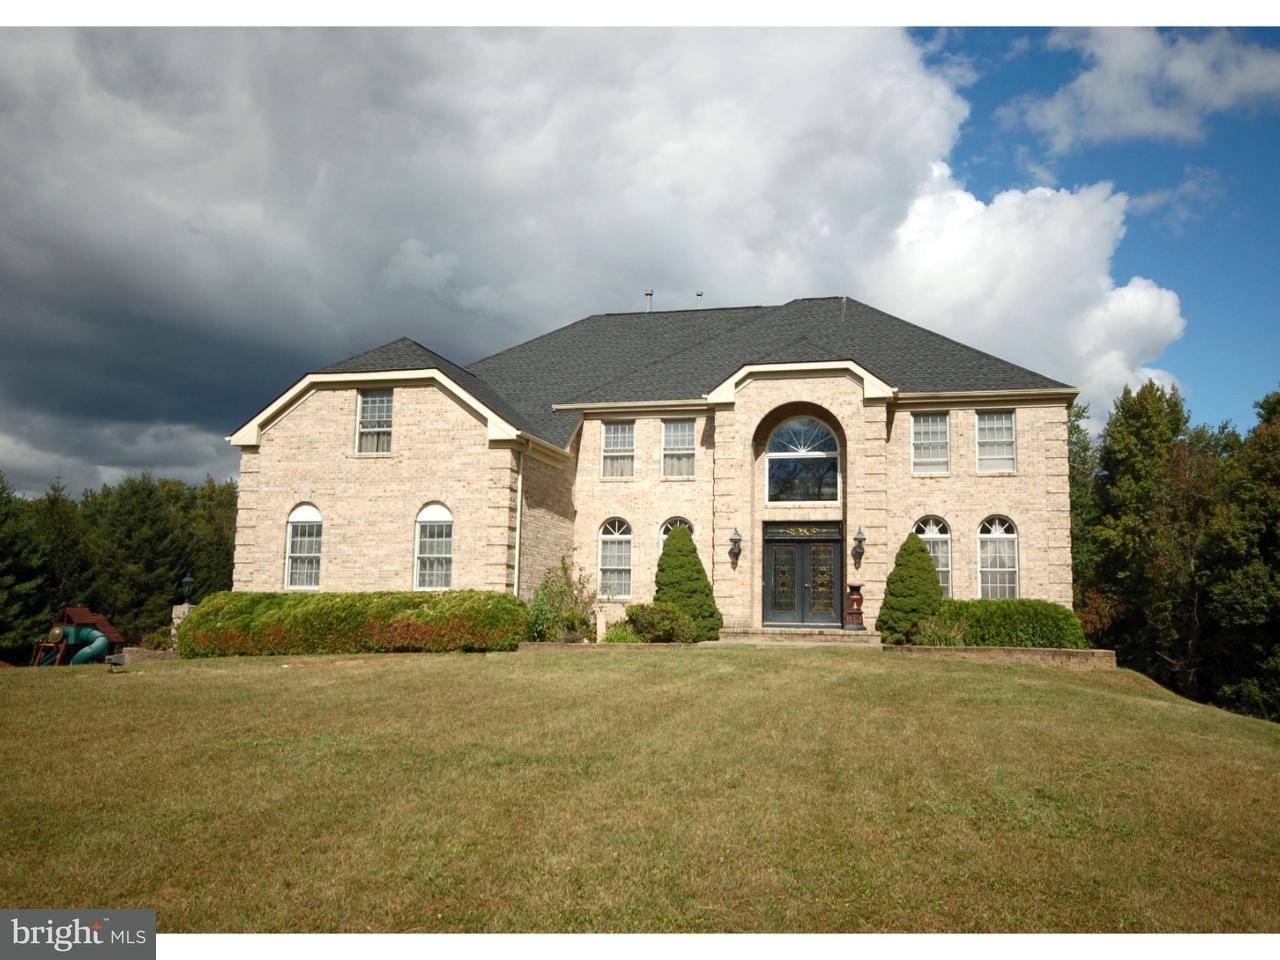 独户住宅 为 销售 在 2 YEGER Drive Allentown, 新泽西州 08501 美国在/周边: Upper Freehold Township